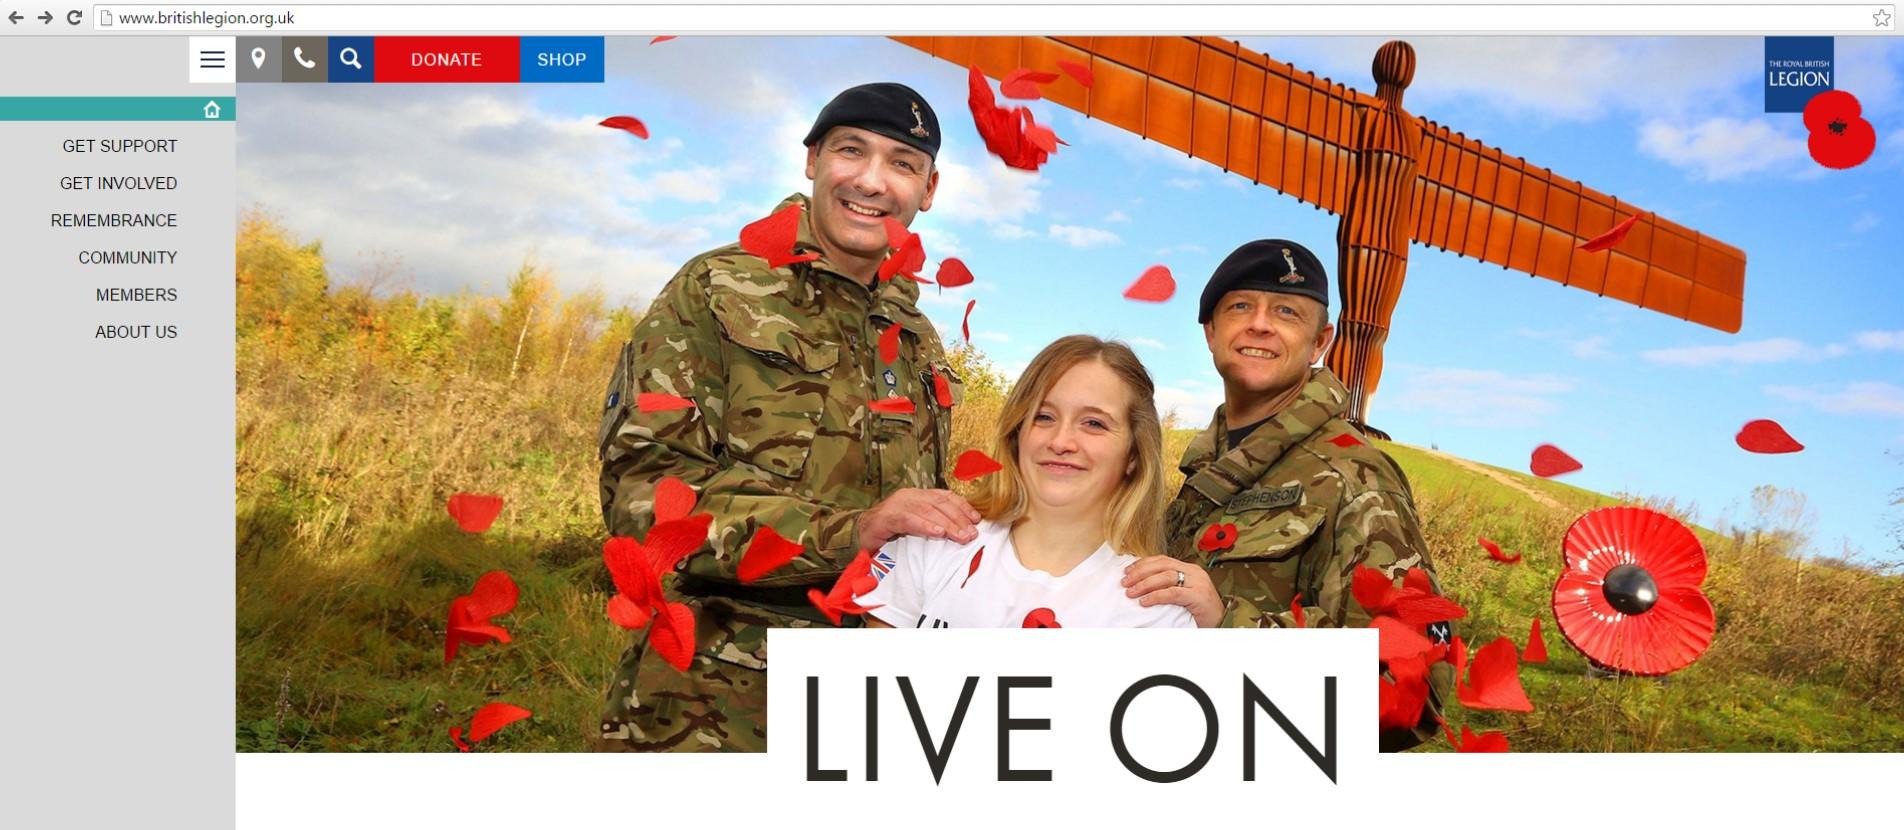 11.4.16_RBL_Veterans_image.jpg